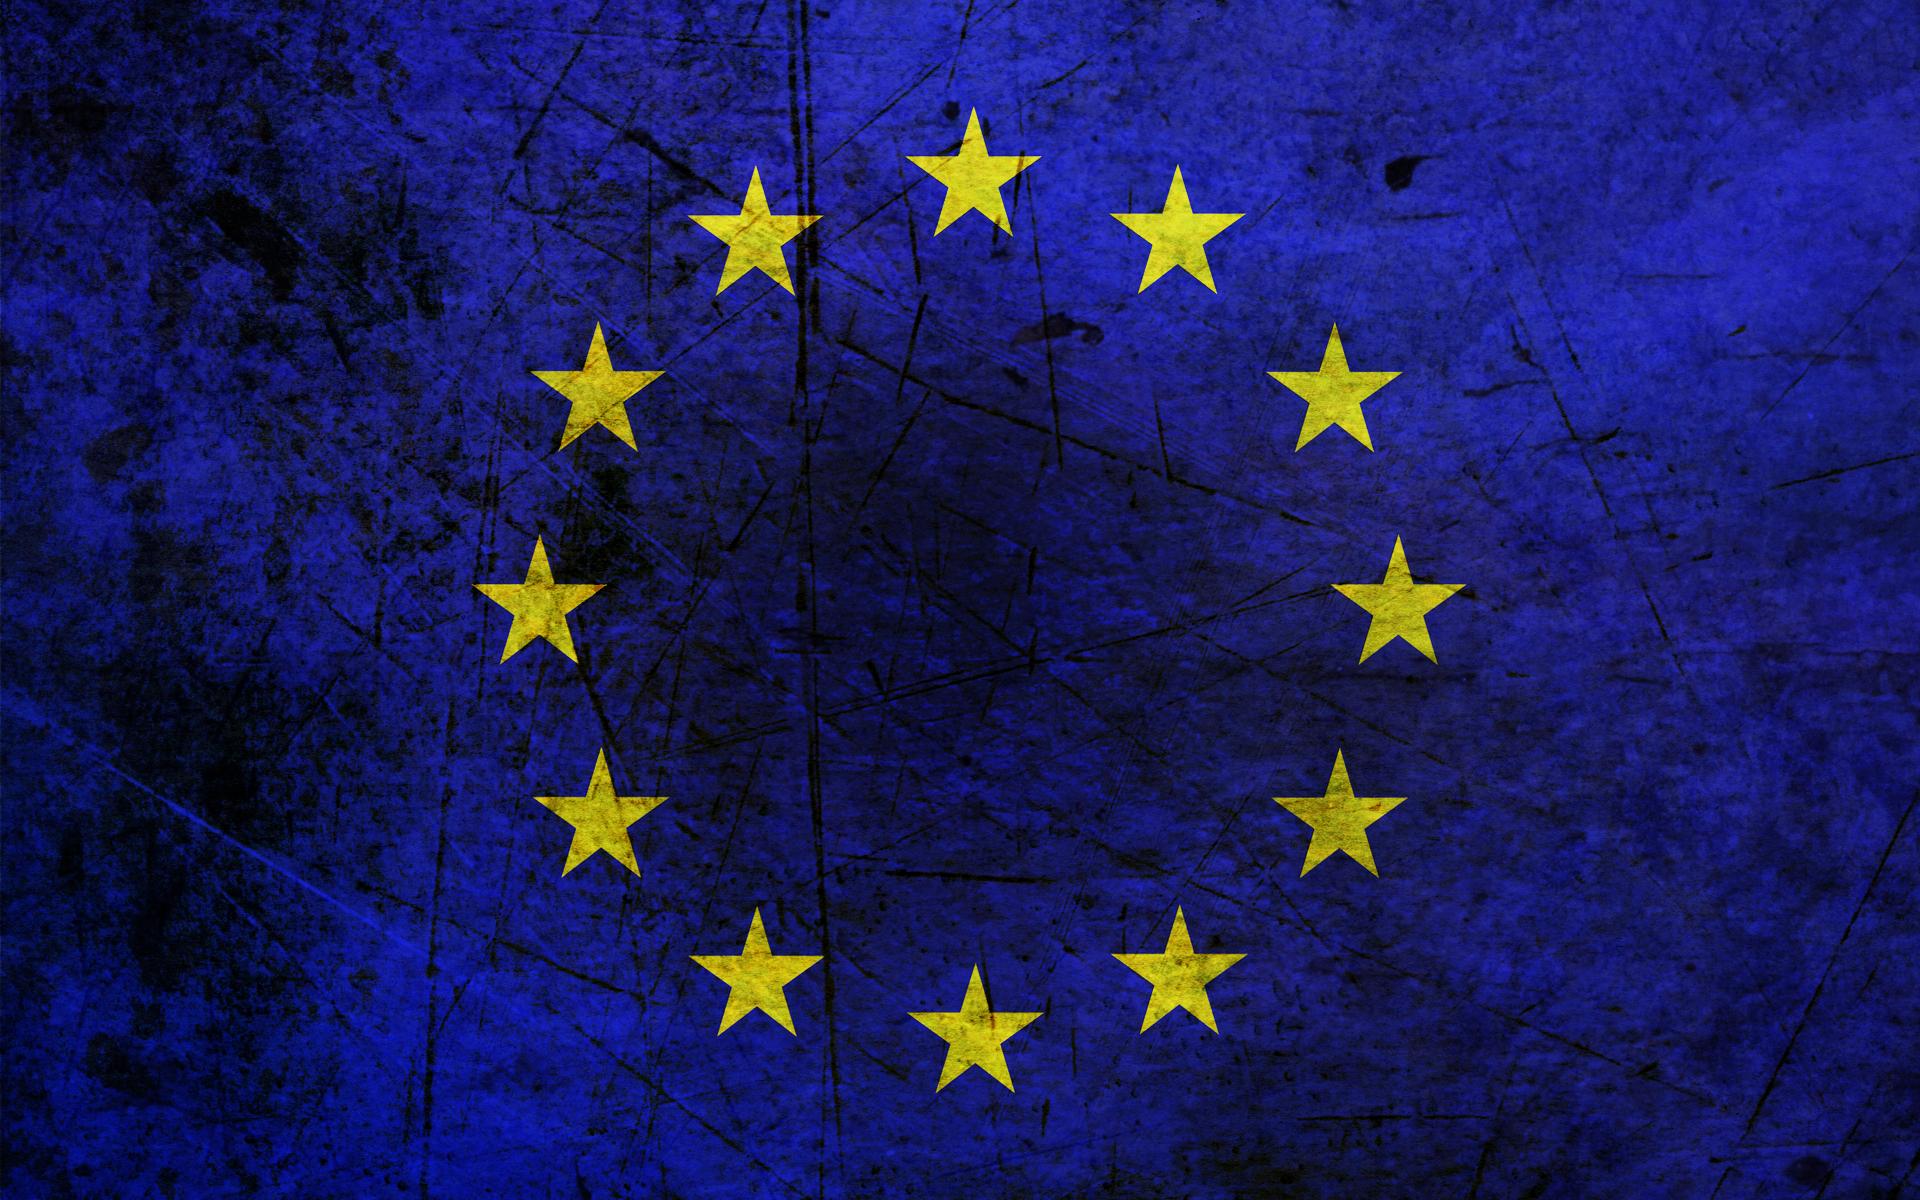 Best 54 Eu Wallpaper on HipWallpaper Tyrann Mathieu Wallpaper 1920x1200